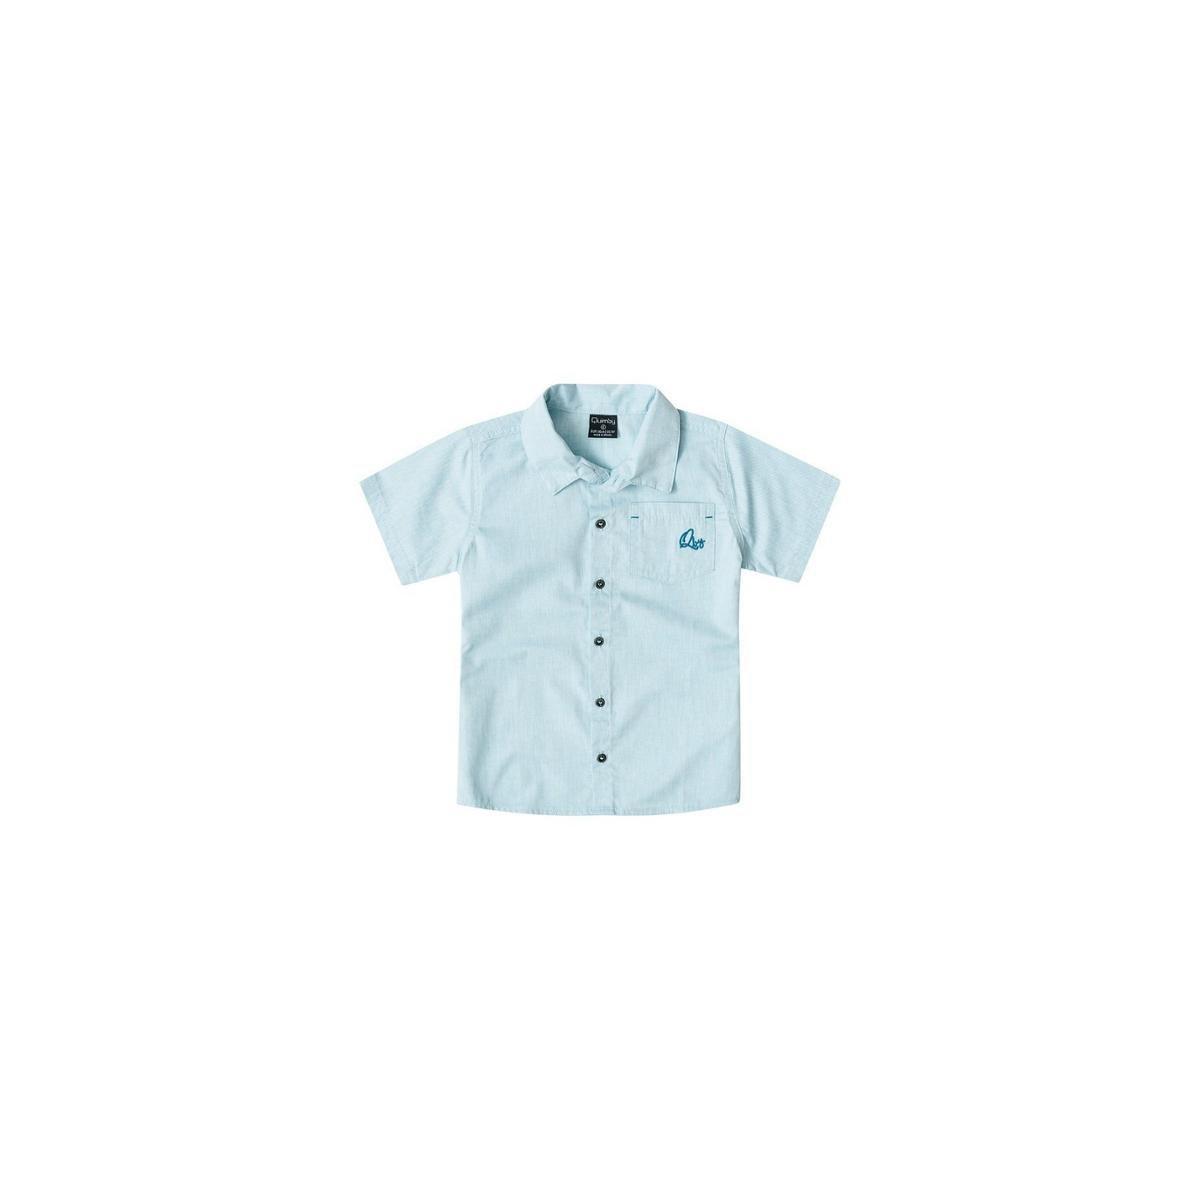 Camisa Polo Bebê Quimby Gola Masculina - Azul - Compre Agora  bcec705d9f167